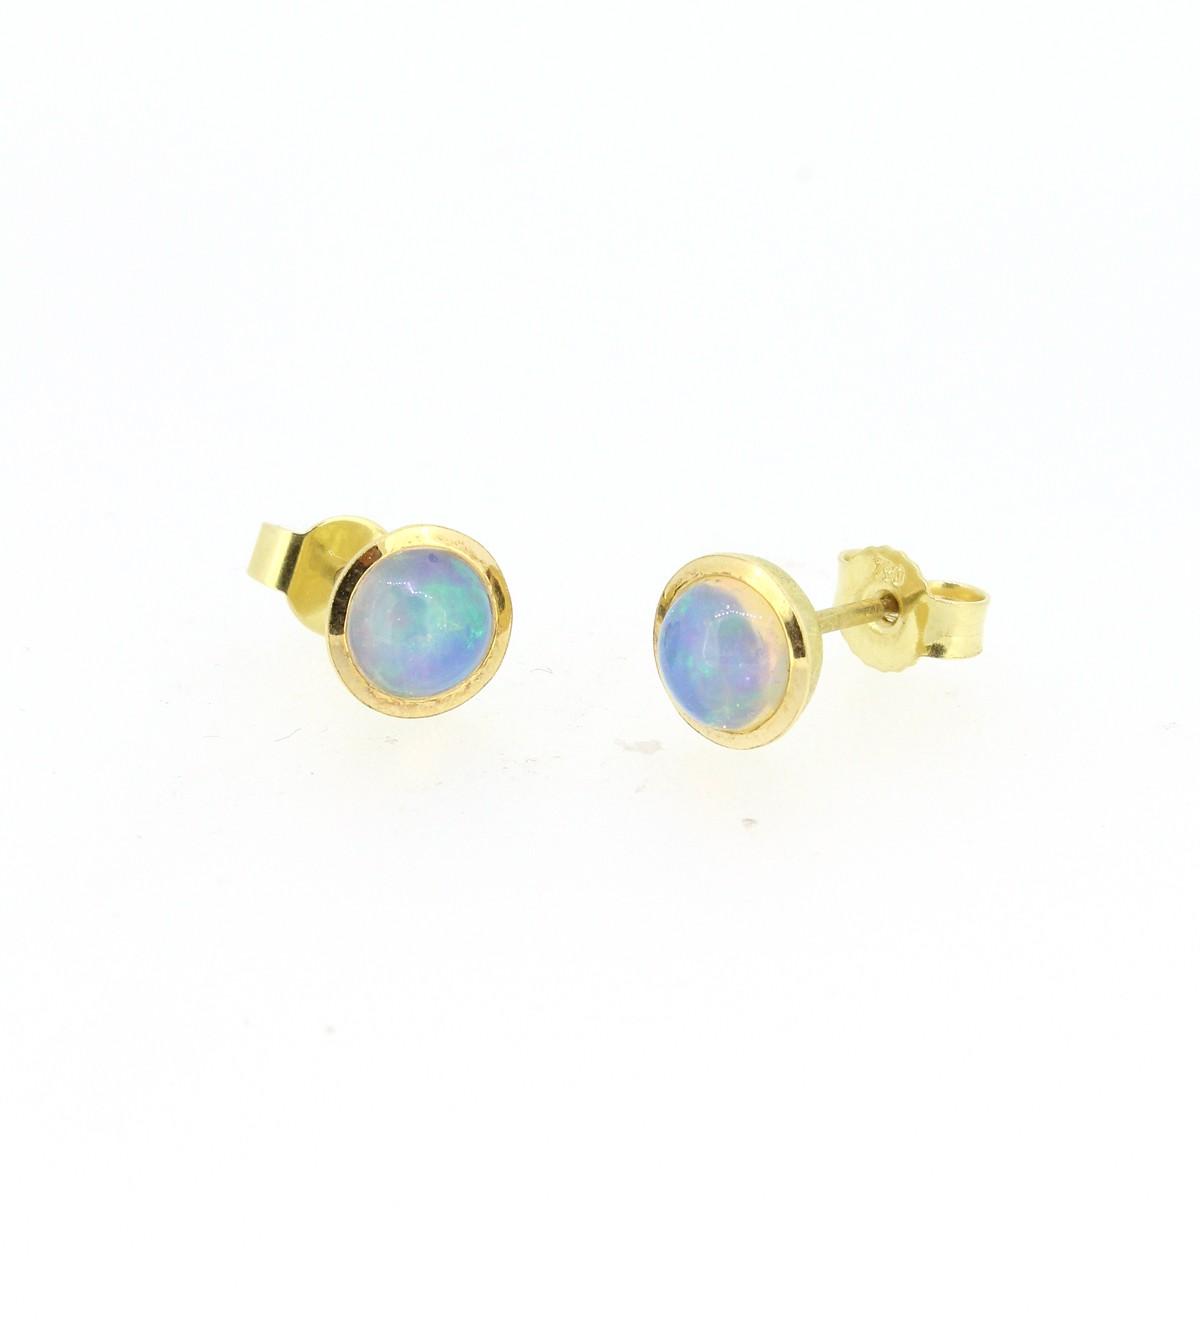 Ohrstecker Opal 18ct Gold - Individuelle Marken - 320brun10-6